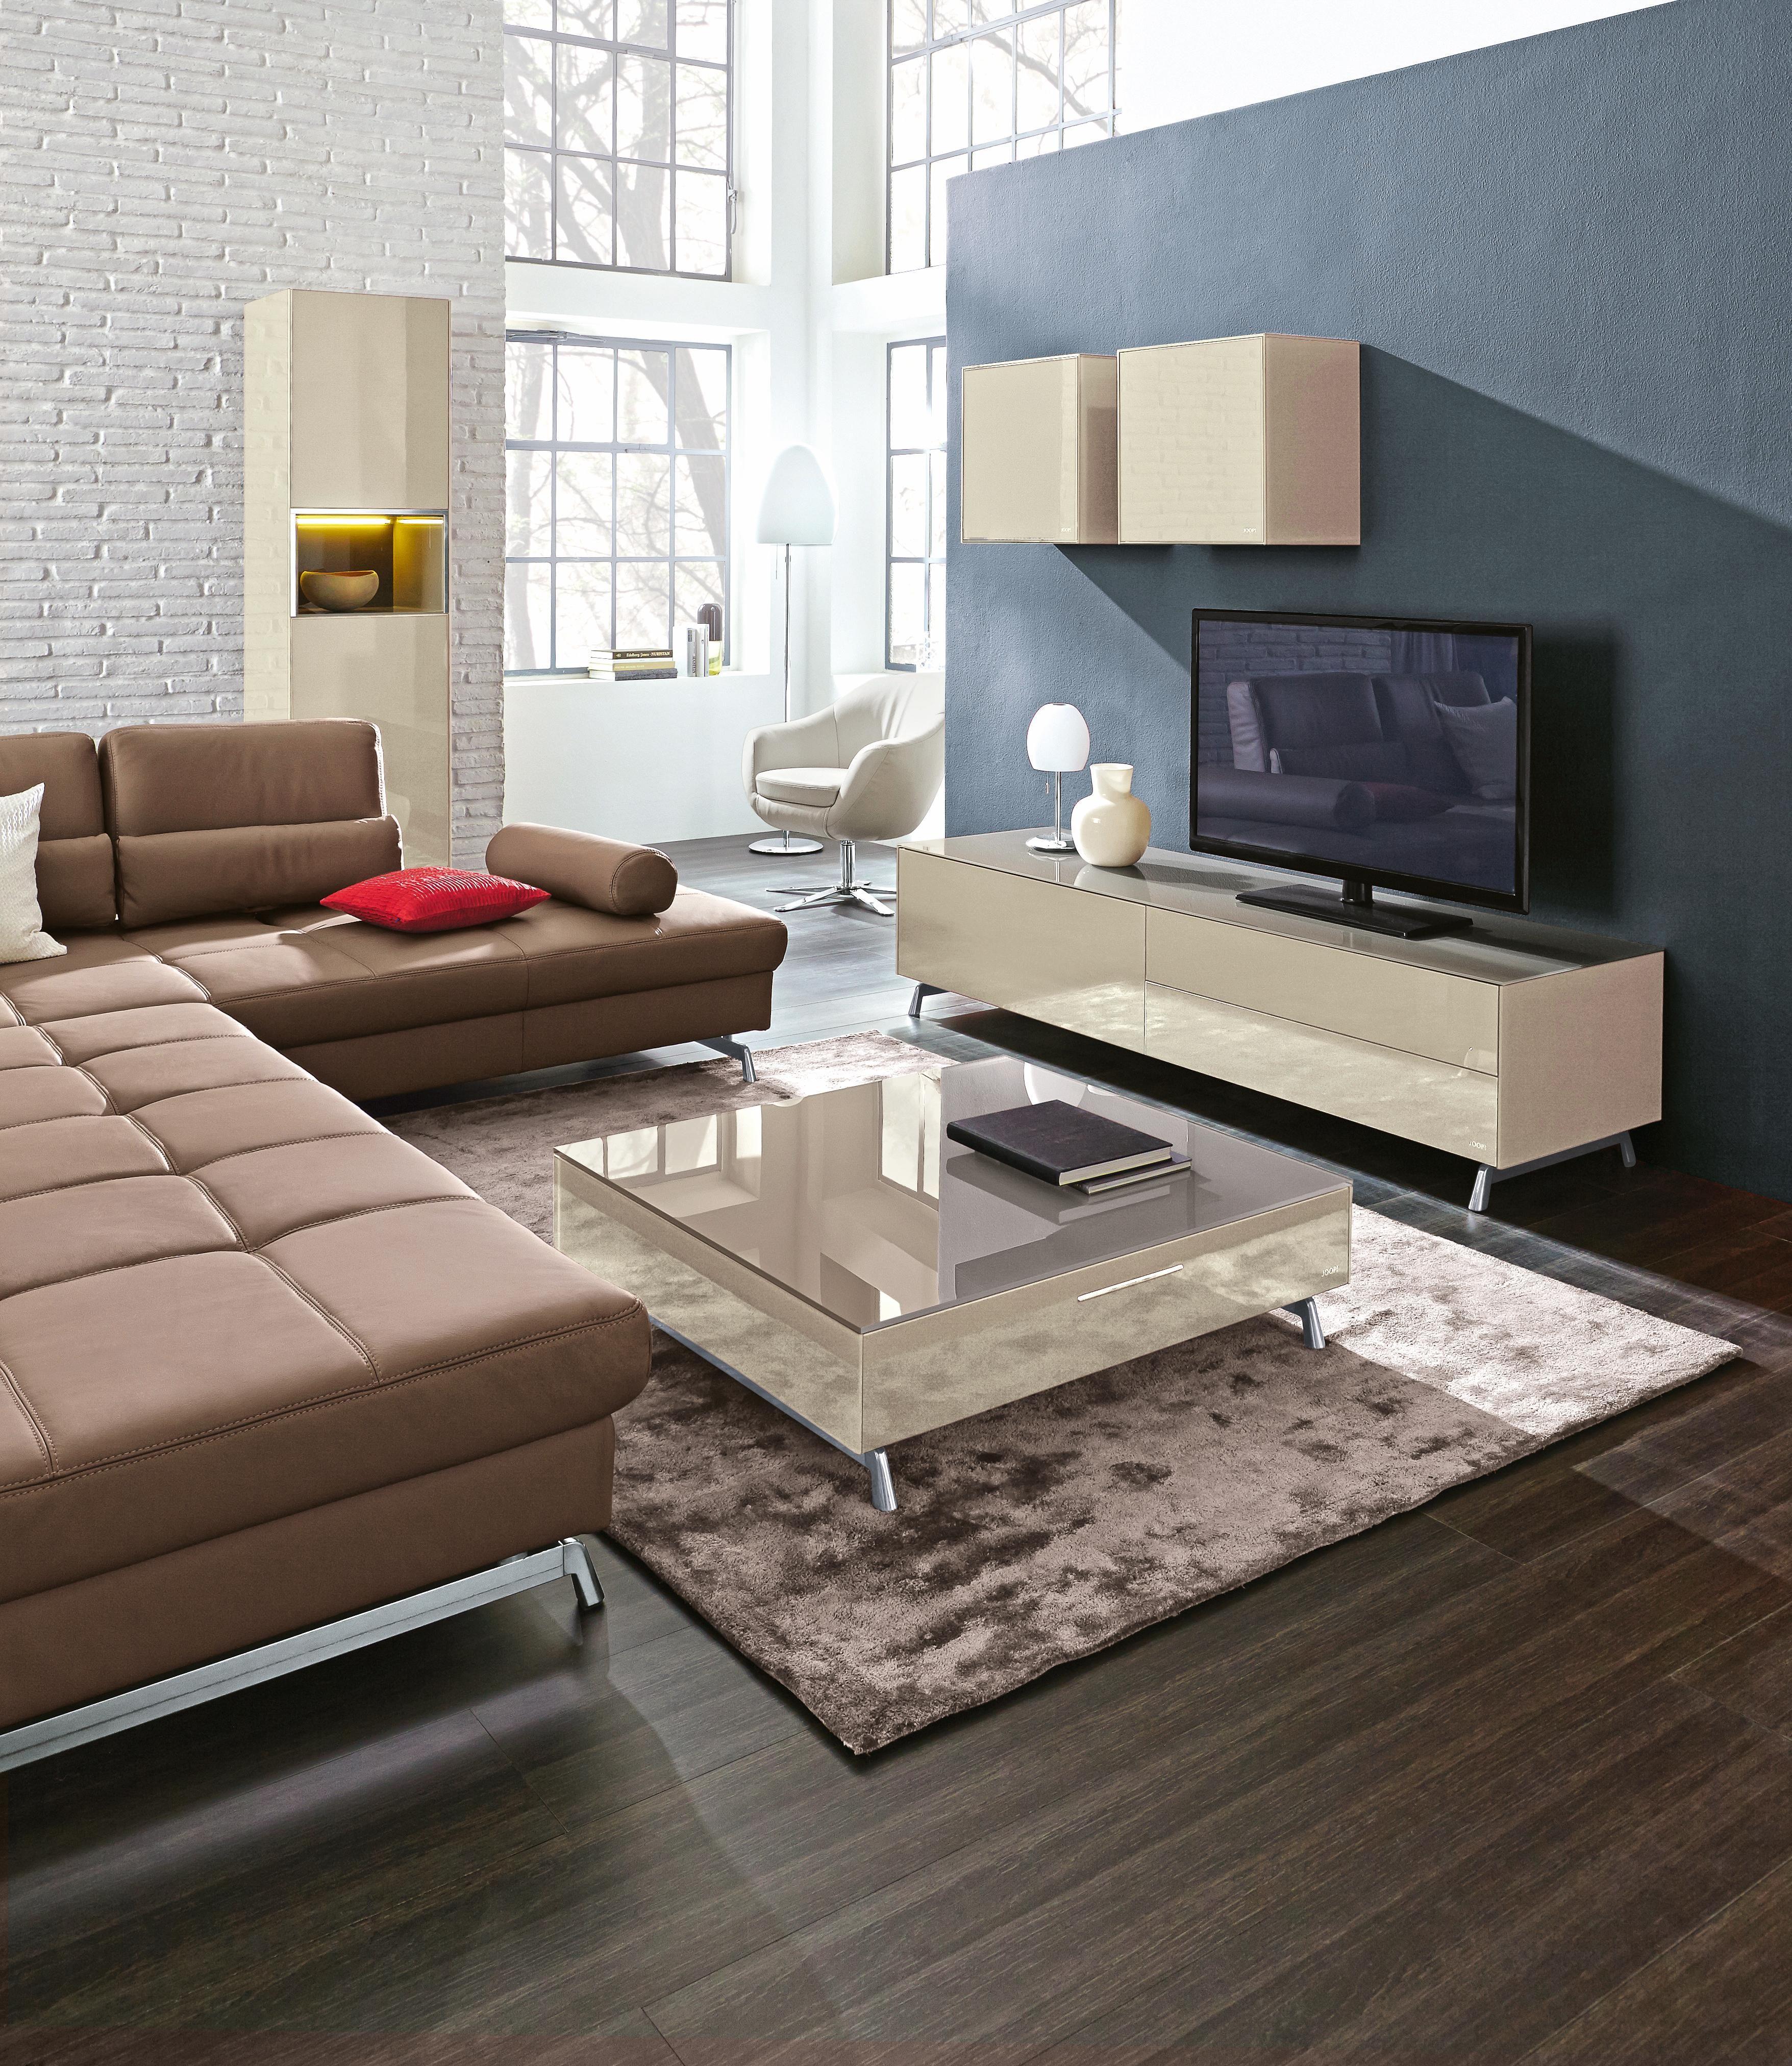 Hochwertiges Tv Board Von Joop Schafft Einzigartiges Ambiente Das Moderne Design In Kombinaton Mit Der Beigen Farbgebun Möbel Wohnzimmer Joop Möbel Wohnzimmer